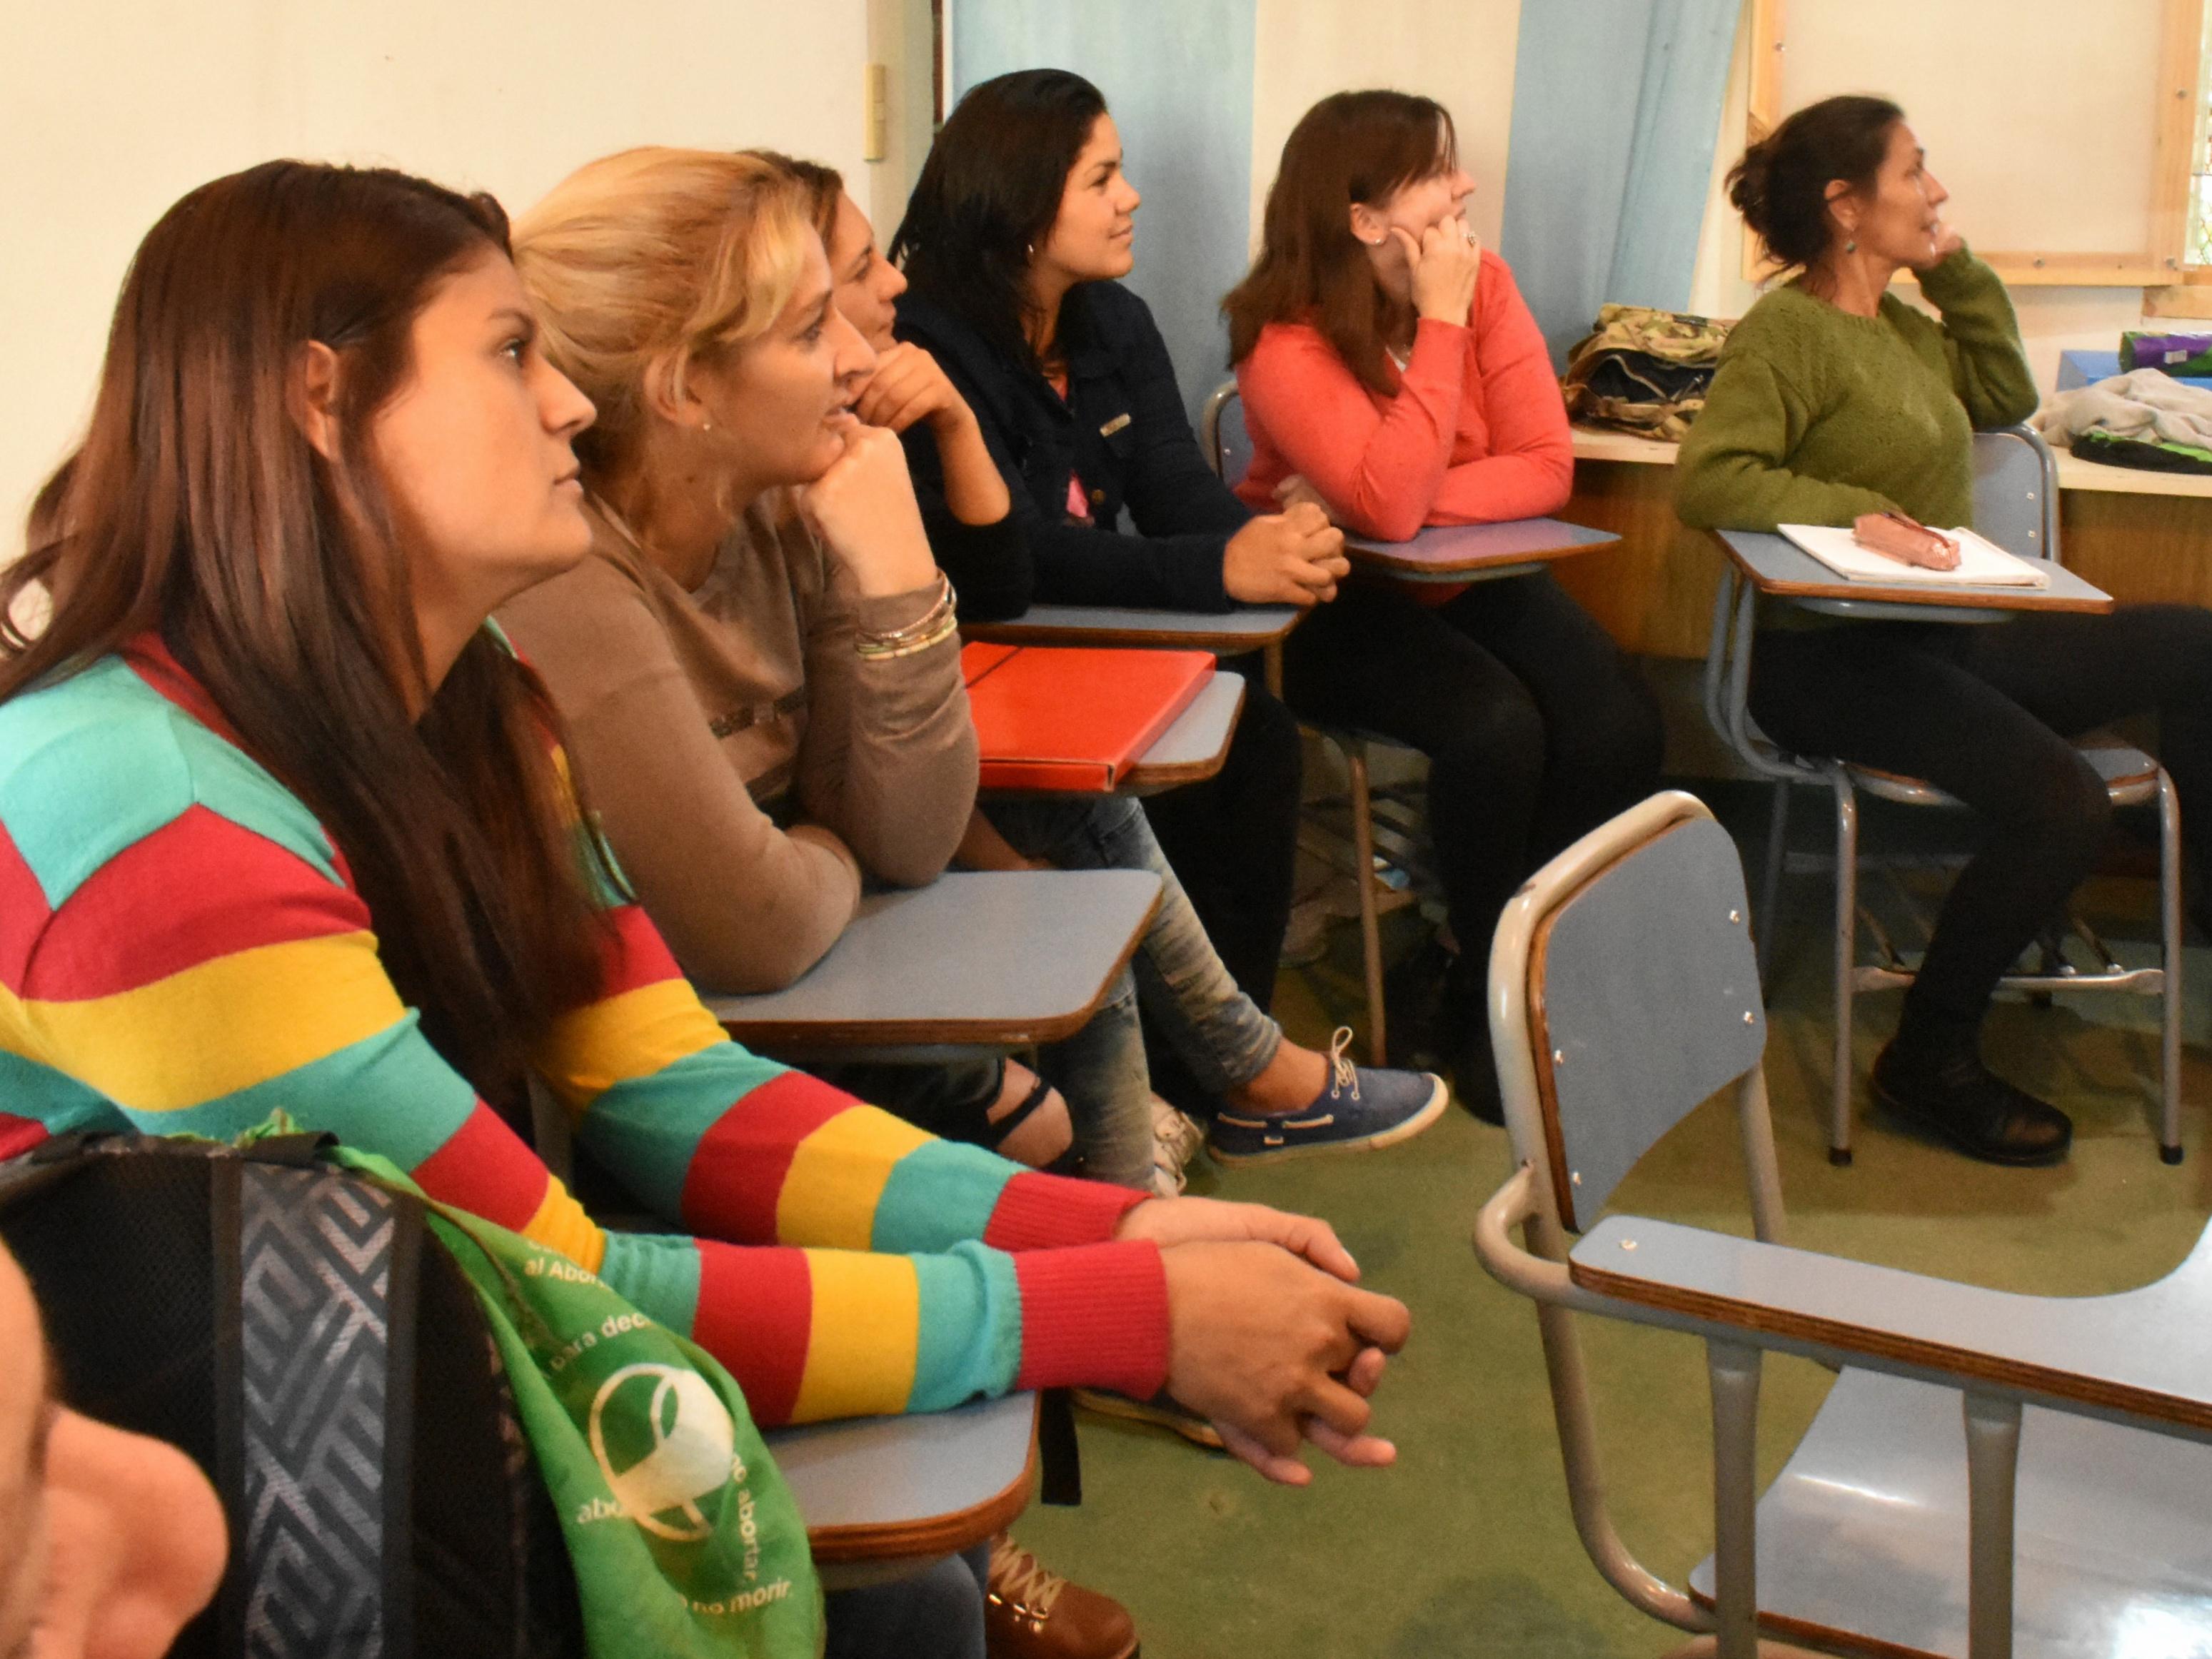 Periodismo de la UNLP comenzó sus clases de Comunicación Popular en la sede barrial de El Retiro